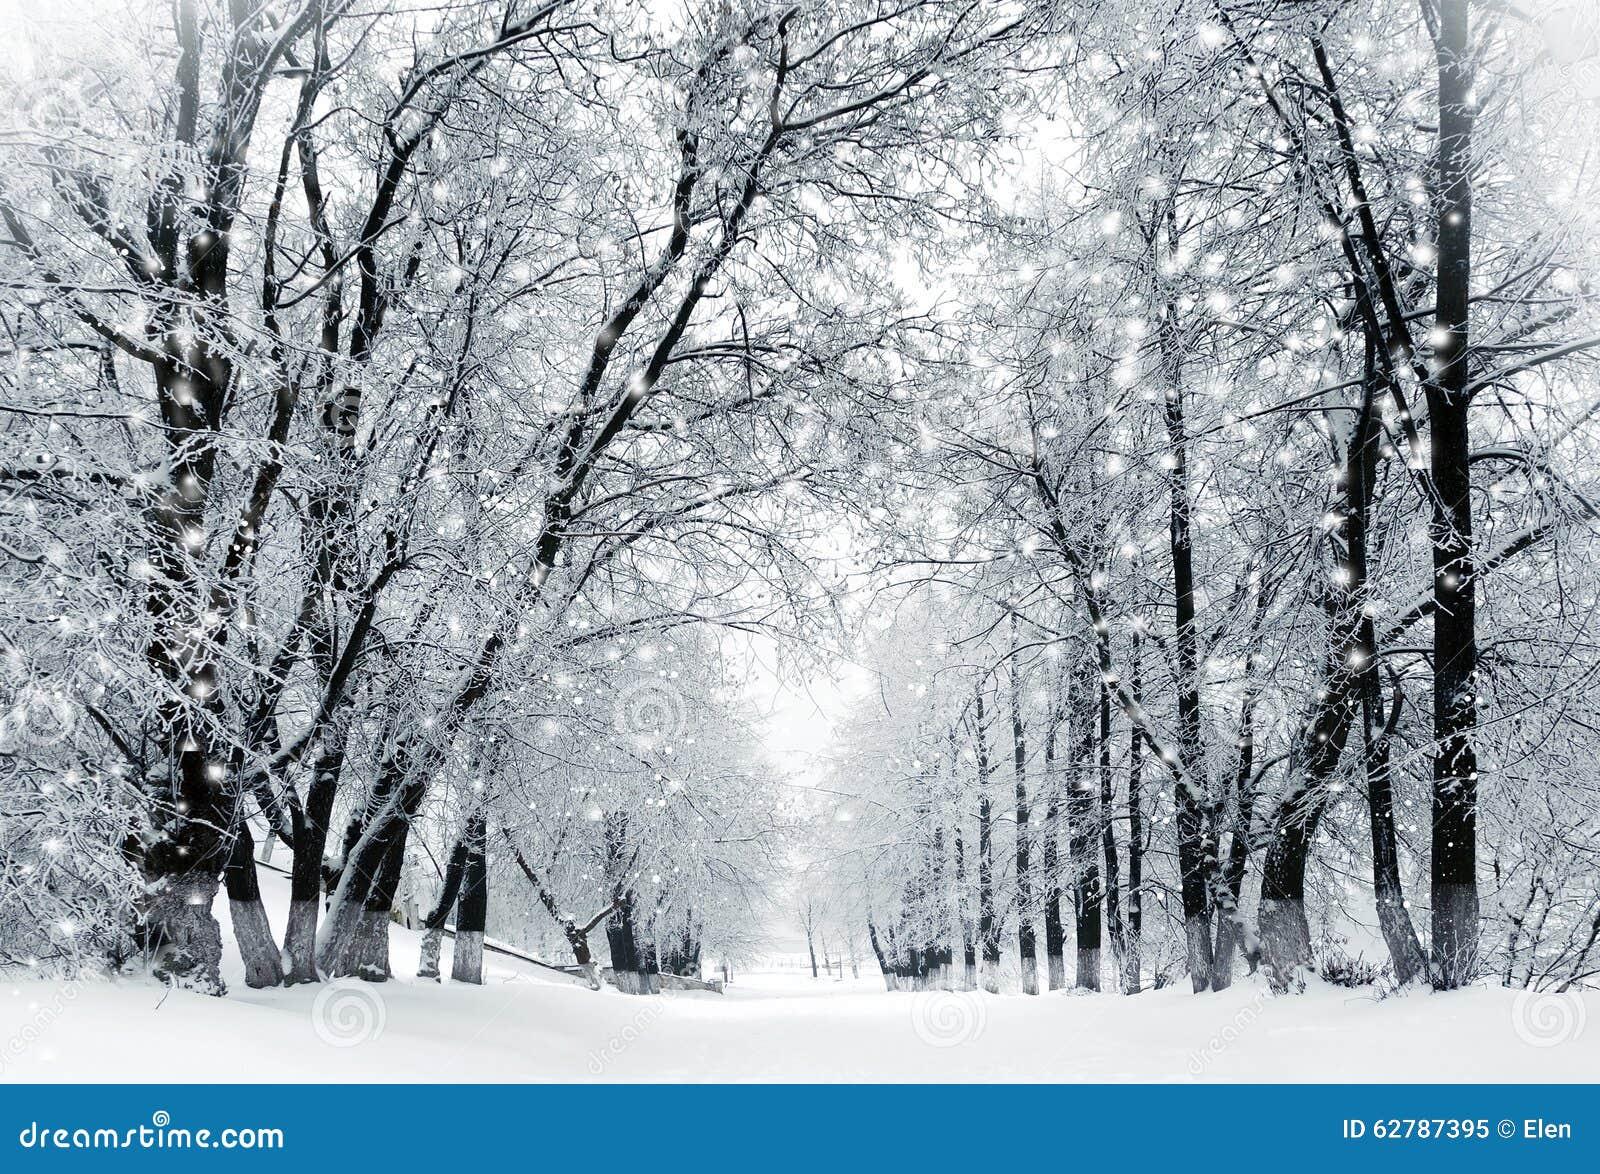 paysage d 39 hiver temp te de neige en parc photo stock image 62787395. Black Bedroom Furniture Sets. Home Design Ideas